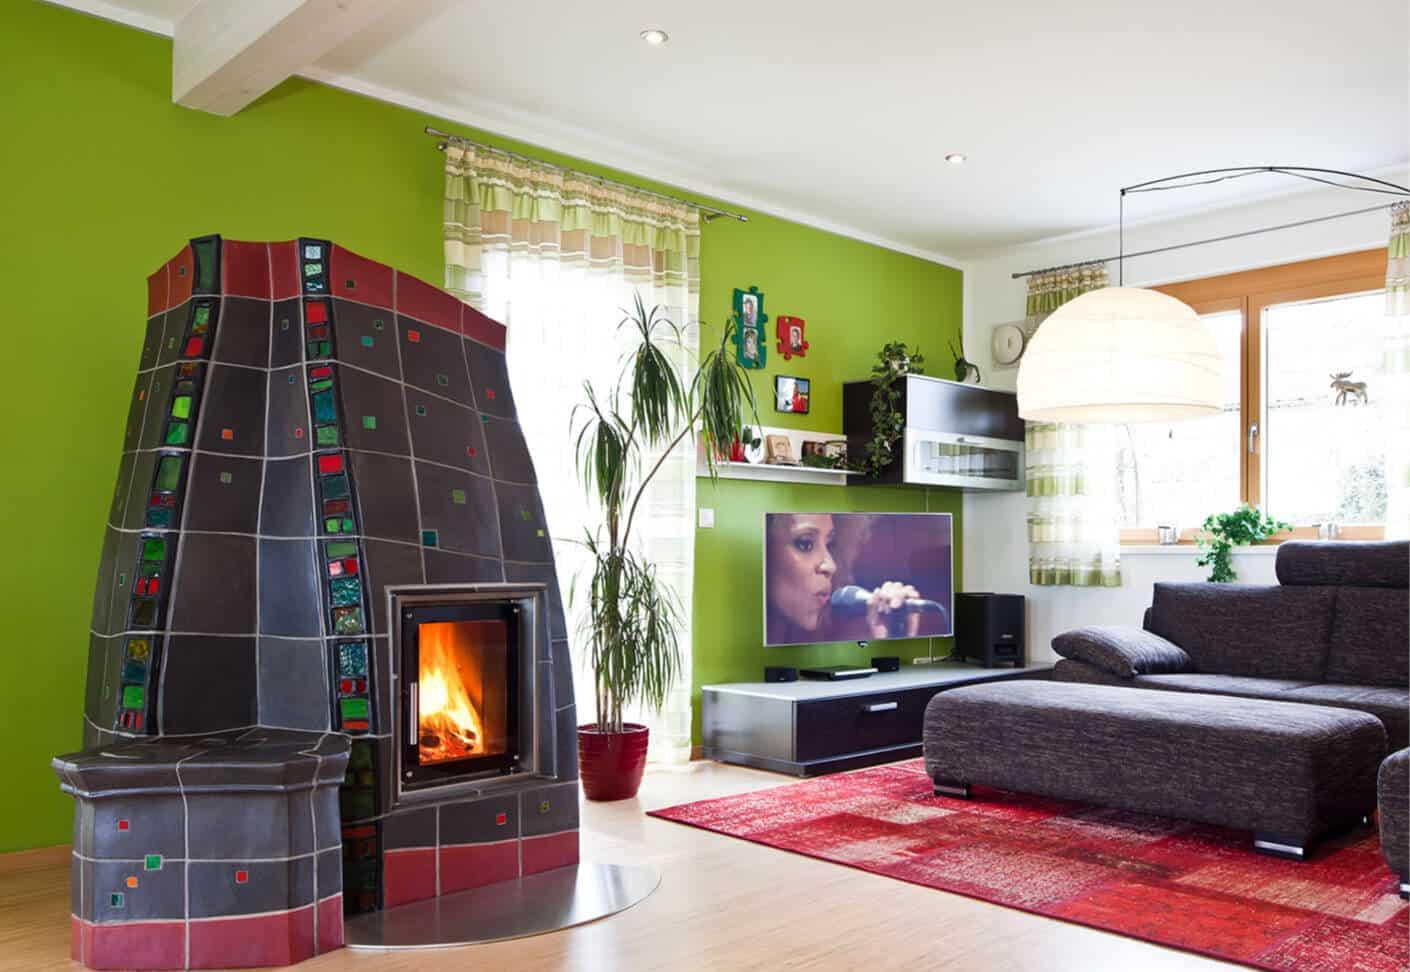 Buntes Wohnzimmer mit Kachelofen